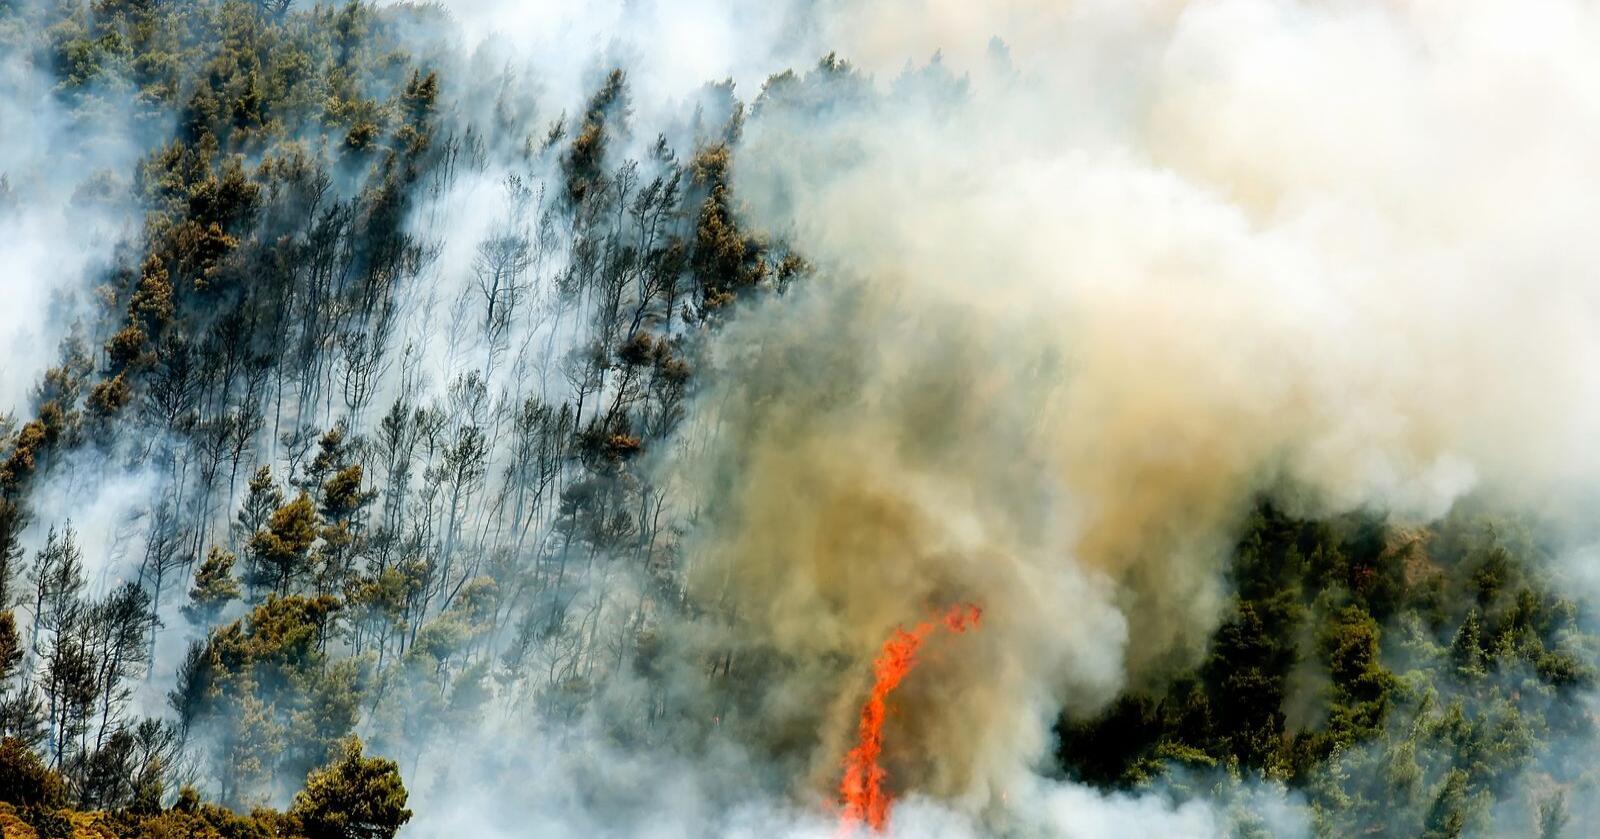 Katastrofe: Stadig flere land rundt Middelhavet (her Hellas) herjes av omfattende skogbranner og rekordhøye temperaturer. Foto: Shutterstock